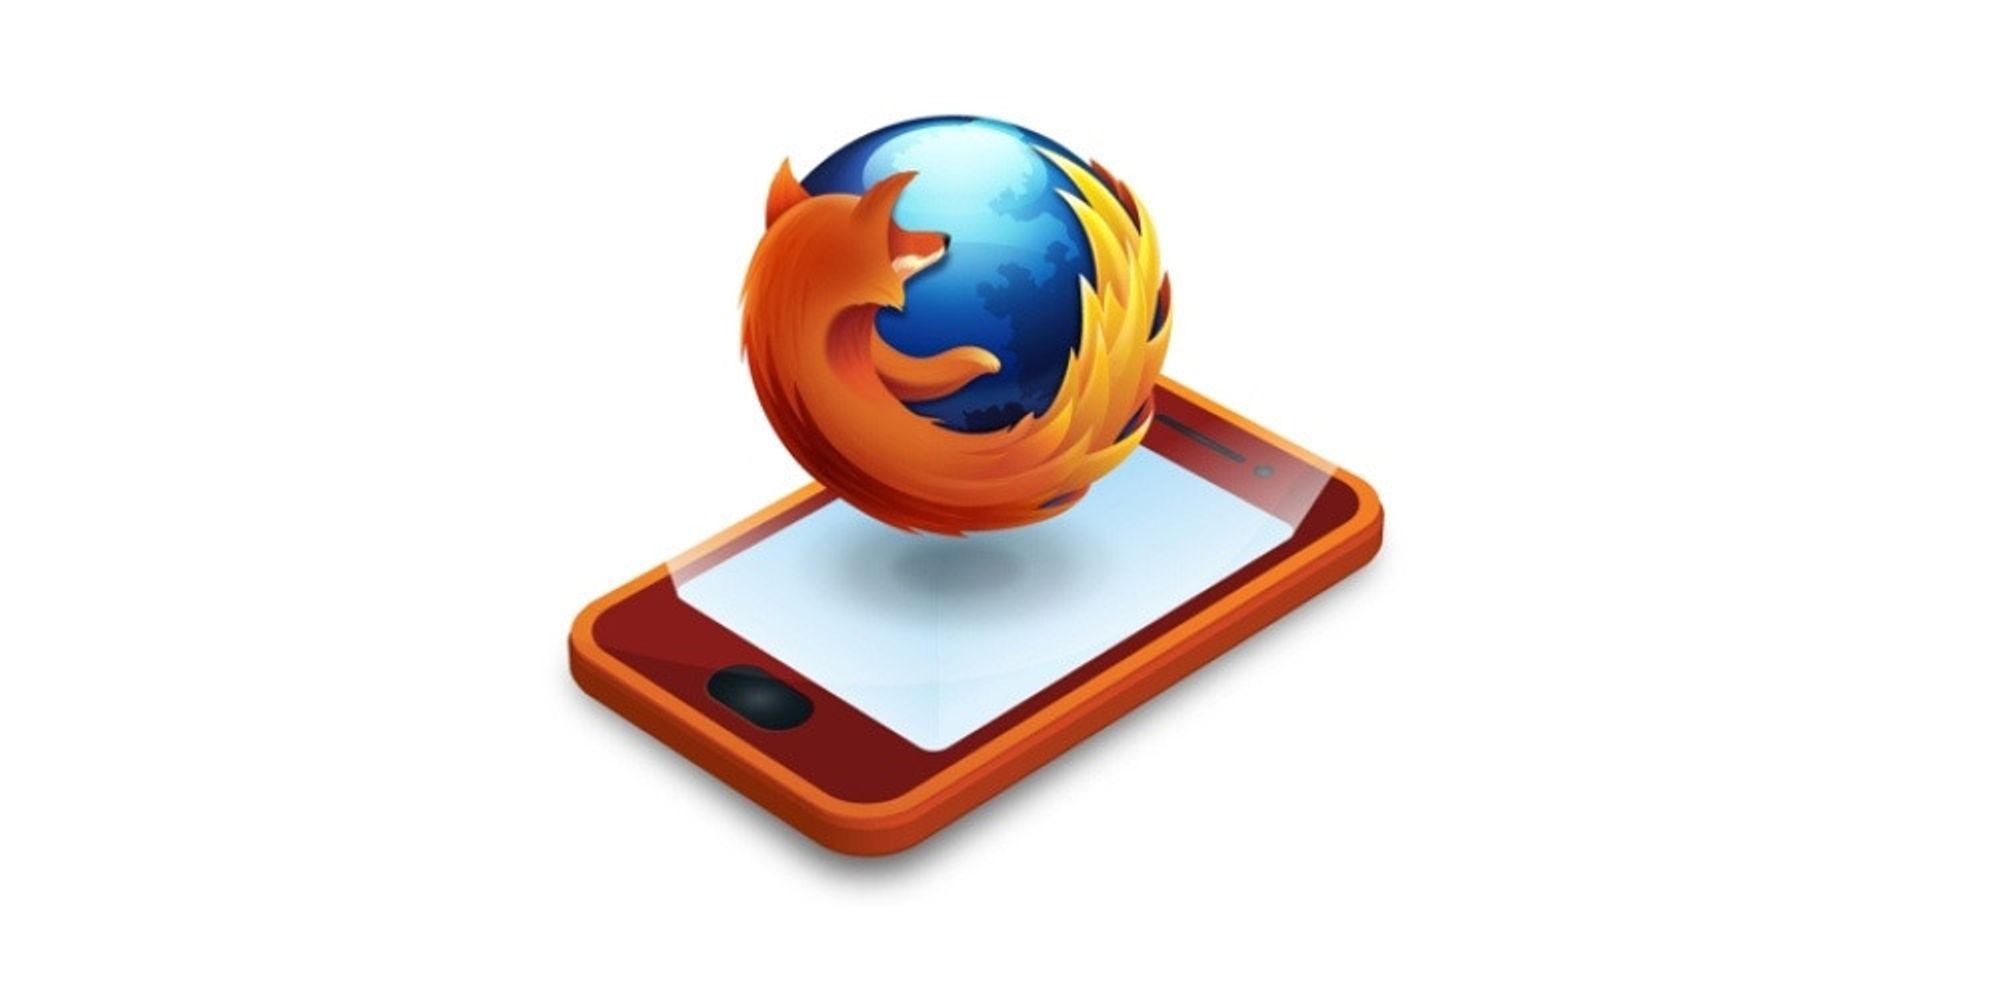 Skal selge Firefox-telefon